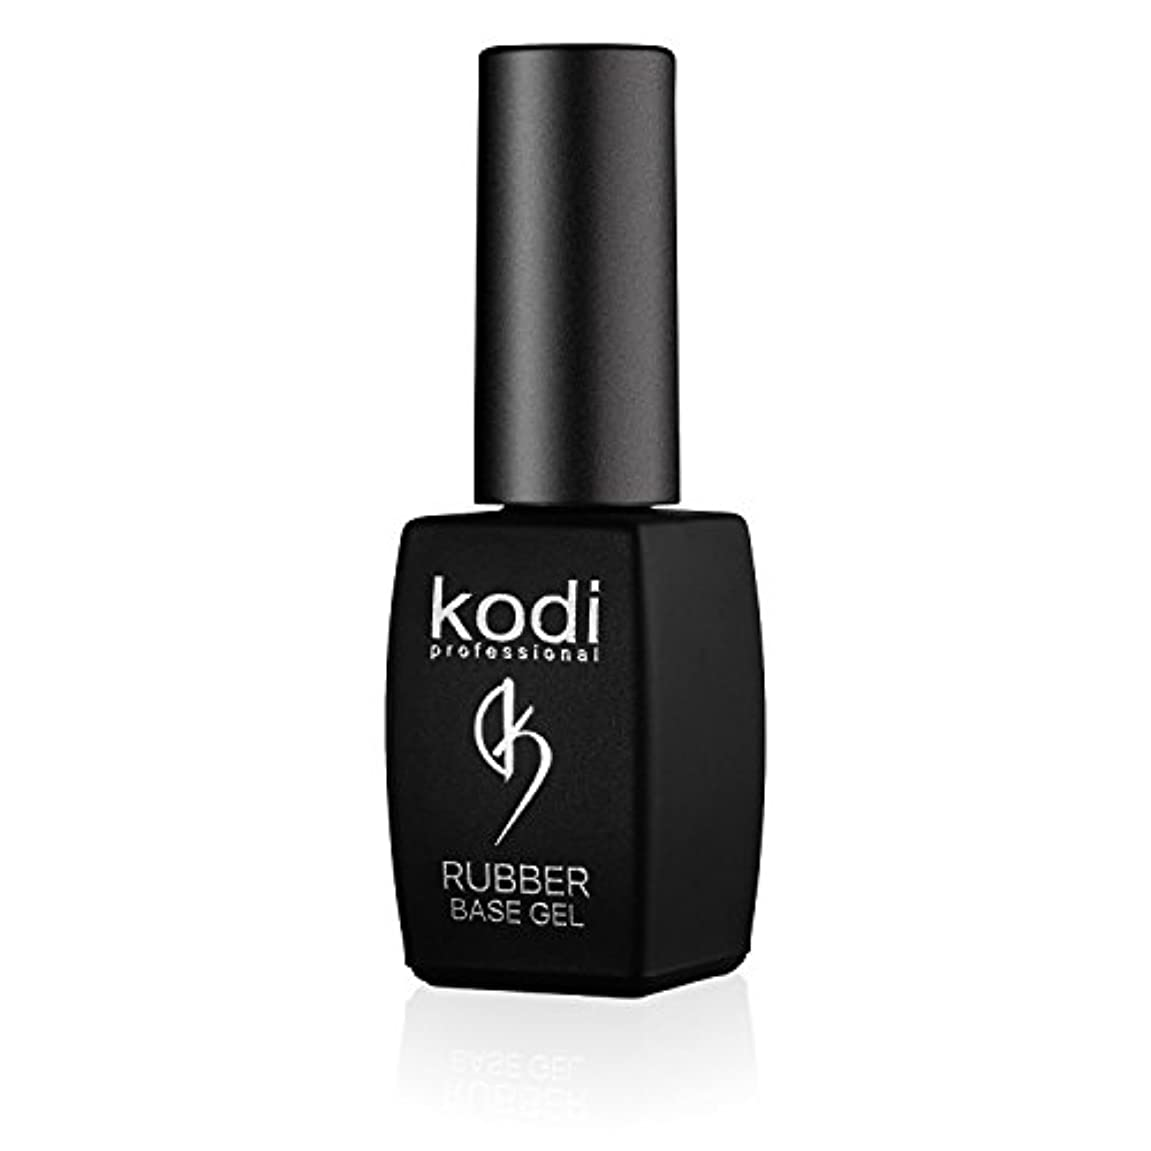 モチーフ葉を拾う到着Professional Rubber Base Gel By Kodi | 8ml 0.27 oz | Soak Off, Polish Fingernails Coat Gel | For Long Lasting...